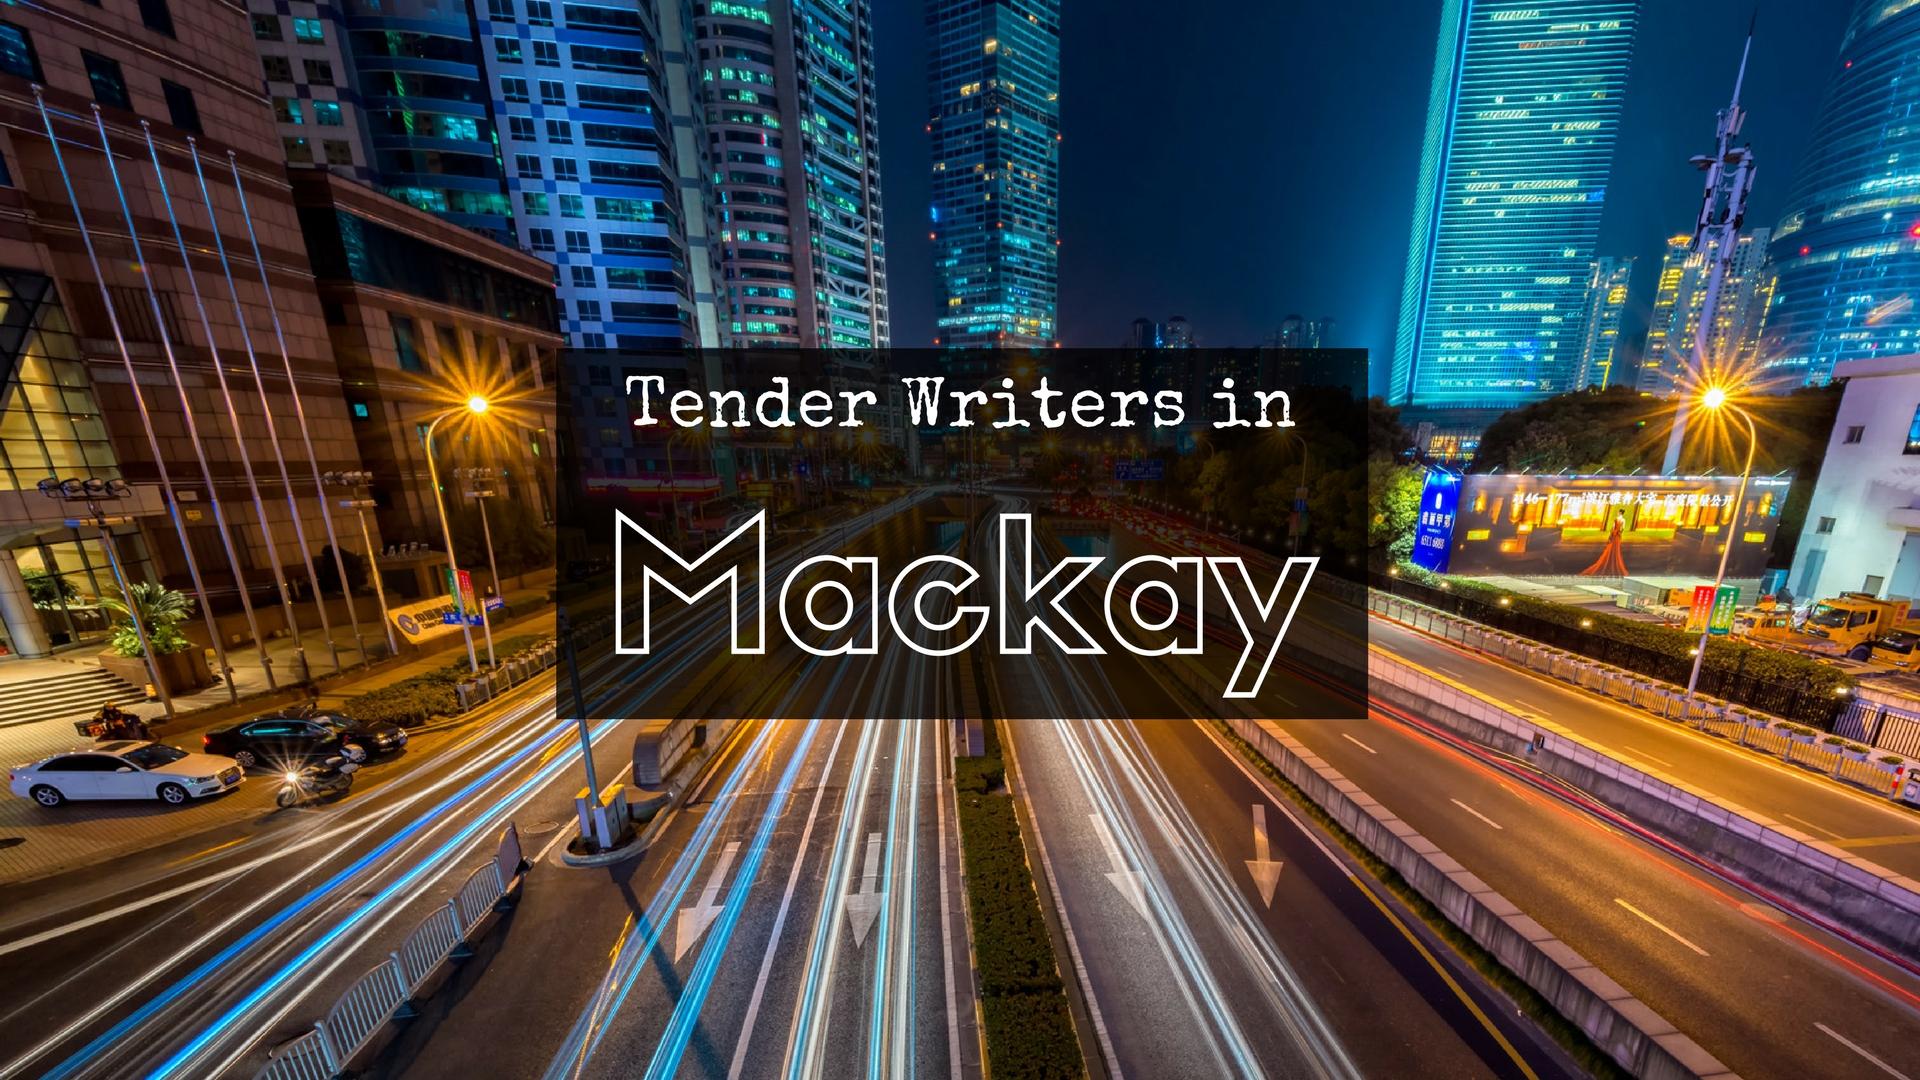 Tender Writer In Mackay